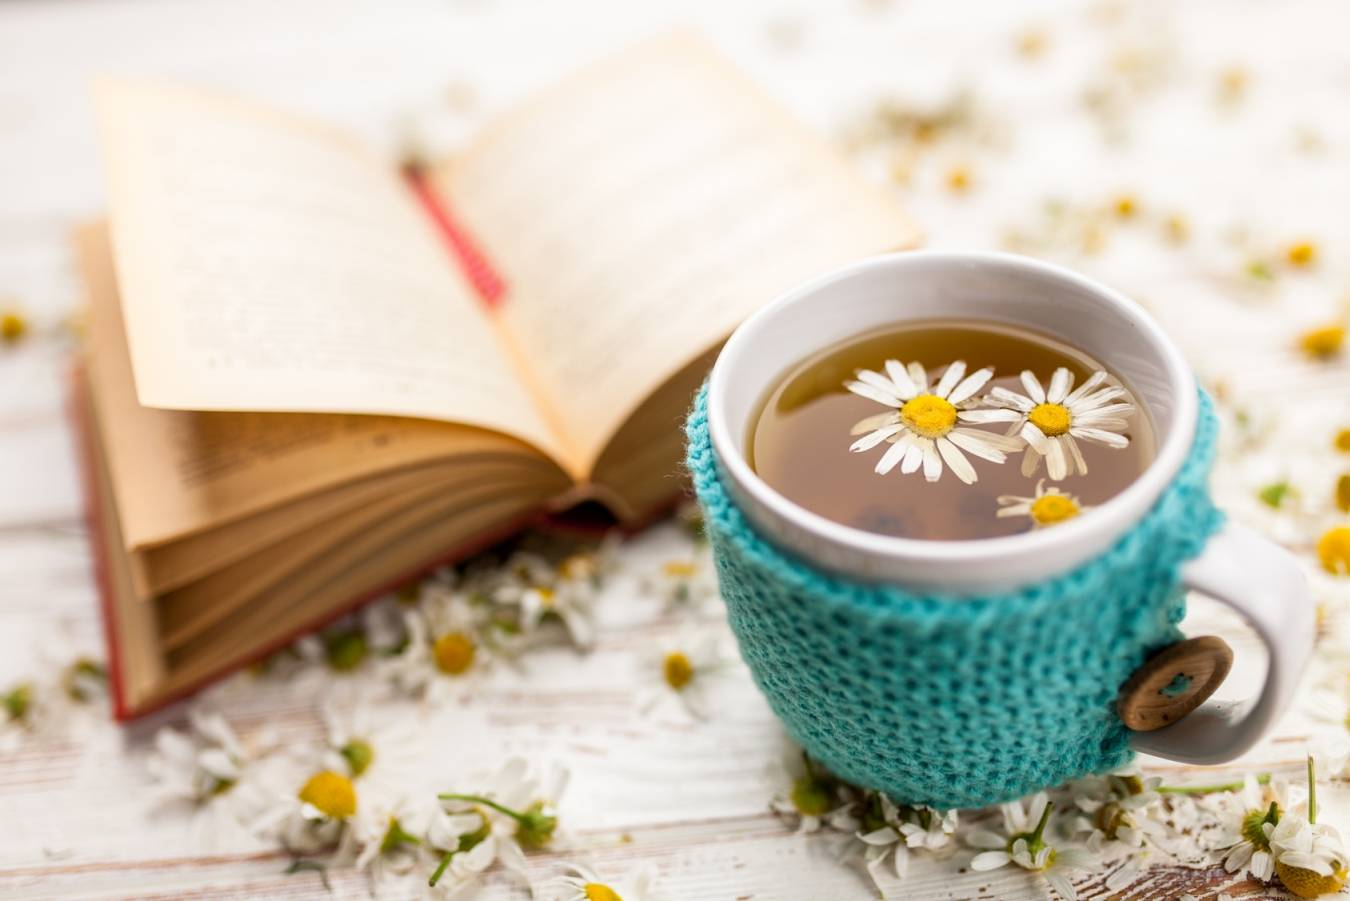 Jak leczyć przeziębienie według medycyny chińskiej? Kubek herbaty rumiankowej w sweterku stoi obok otwartej książki, wokół leżą kwiatki rumianku.